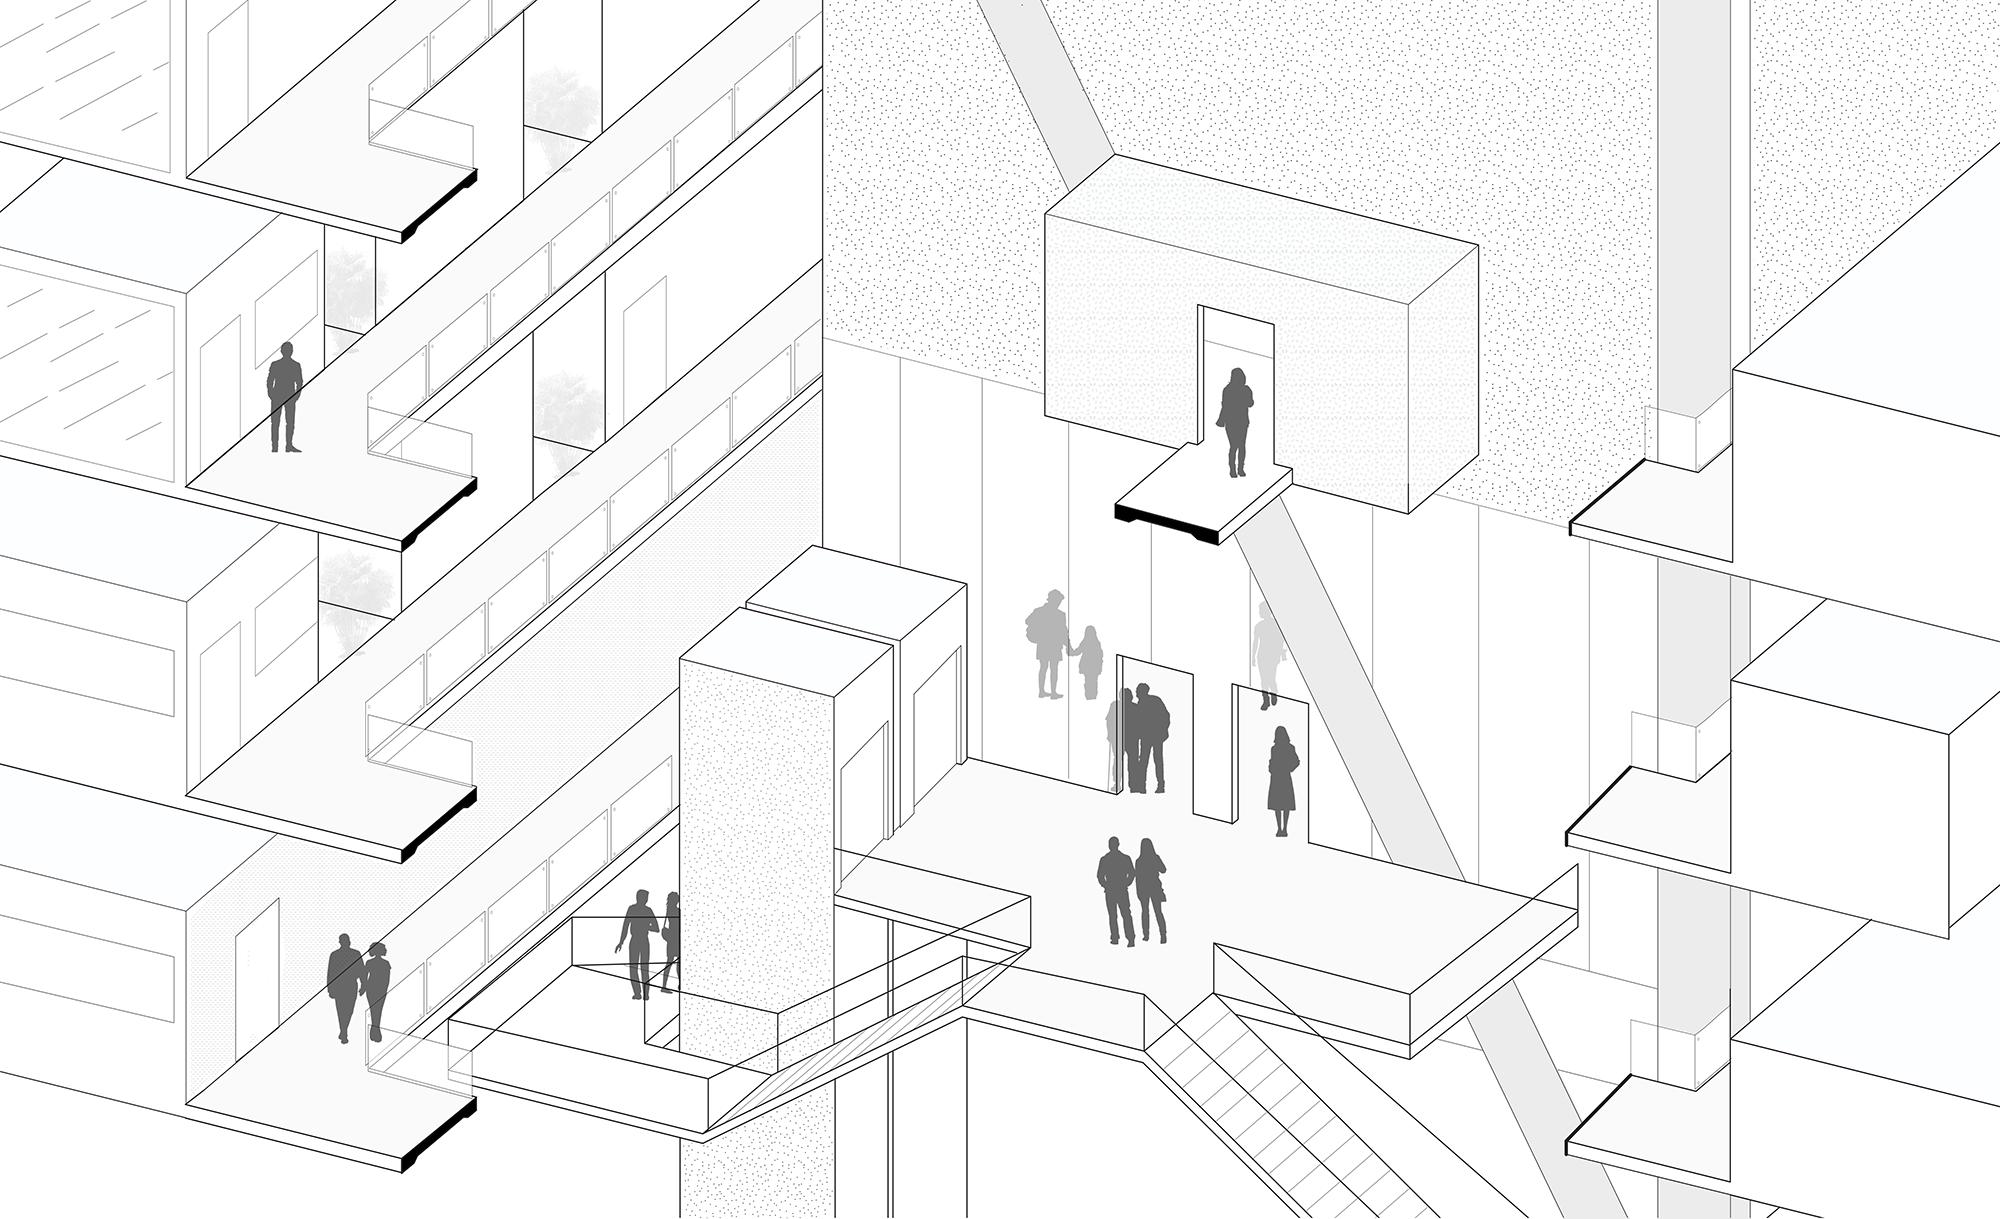 Detail Axon Drawing of Black Box Theatre | Jonathan Malott